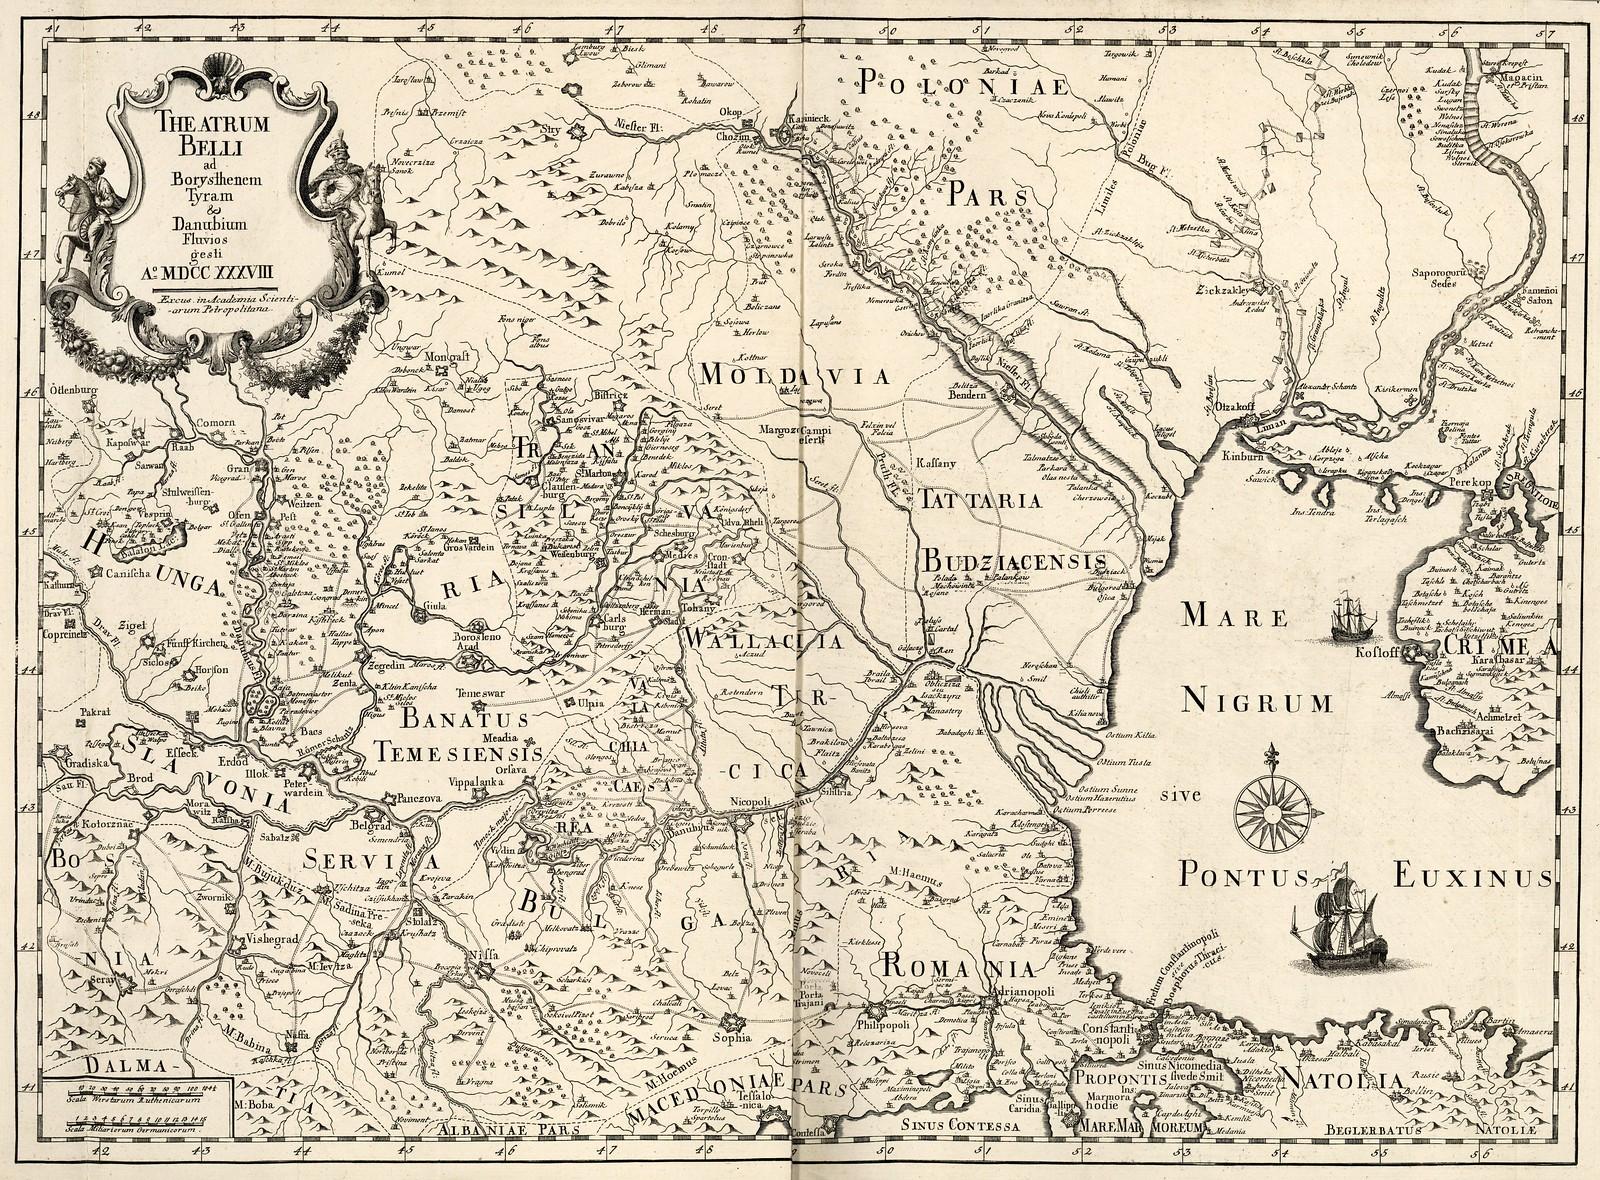 1738. Реки Днестр и Дунай на карте театра военных действий до Днепра включительно во время войны между Россией и Турцией